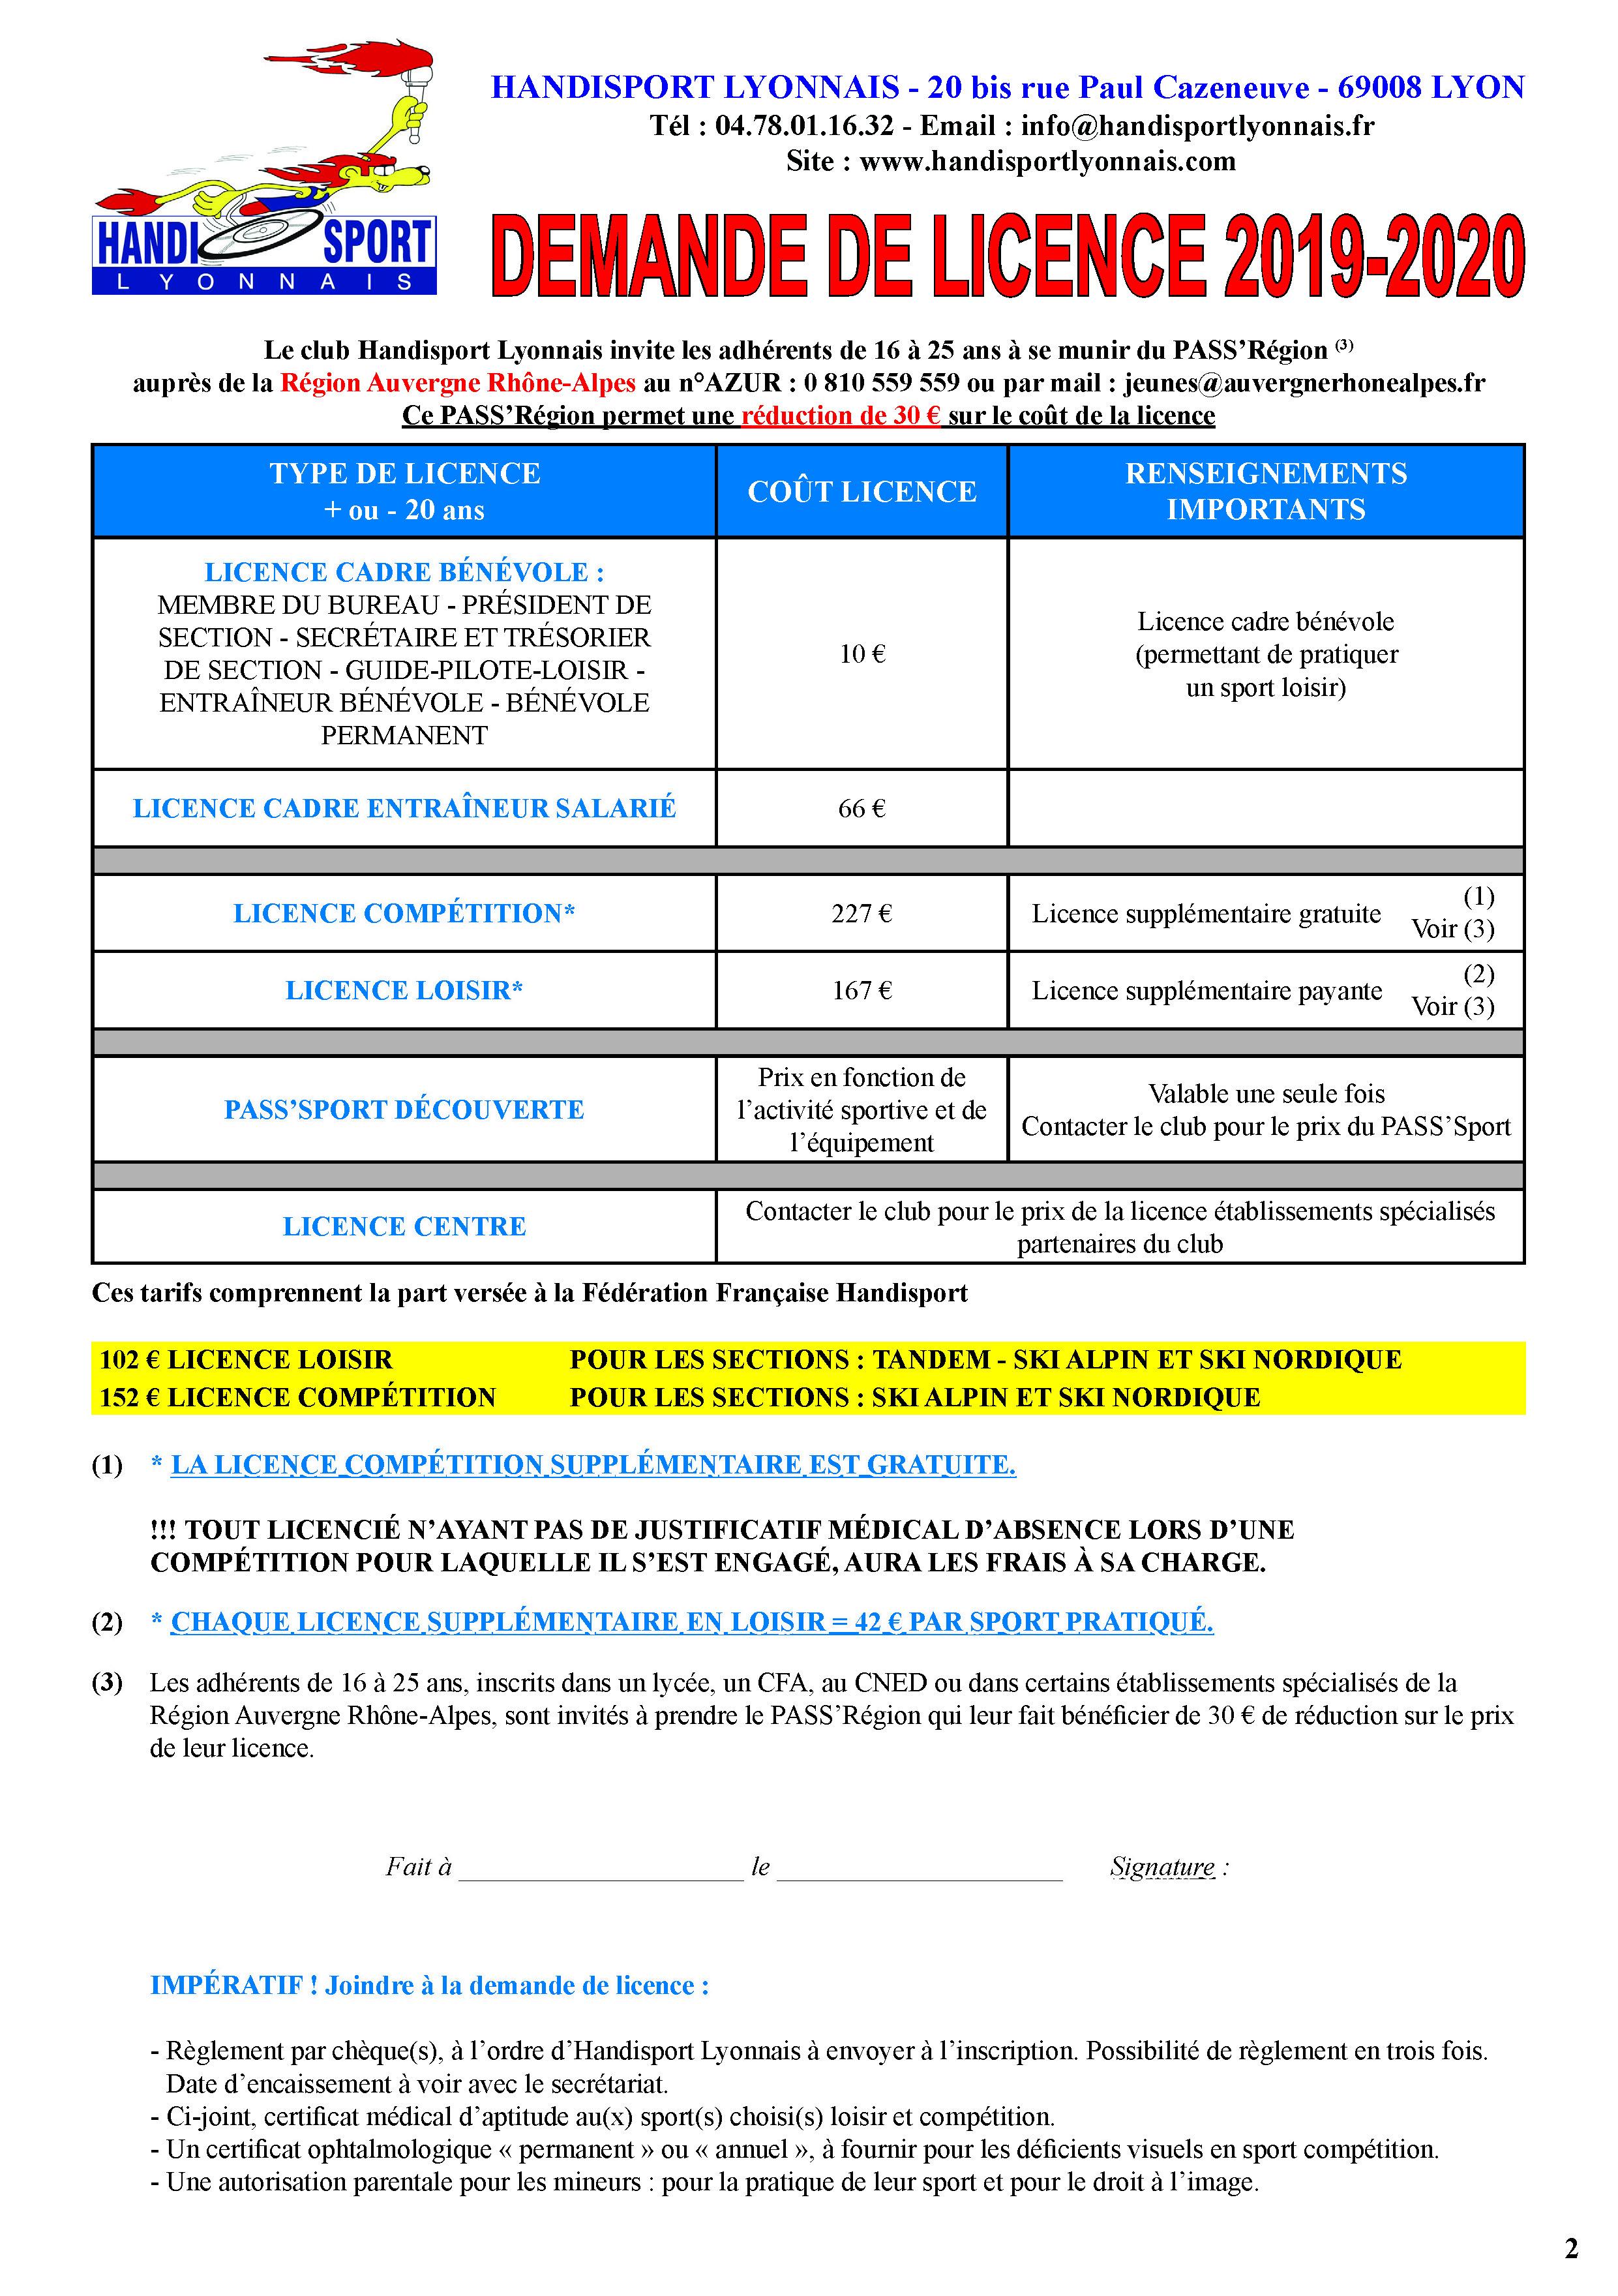 Dossier-inscription-Handisport-Lyonnais 2019-2020